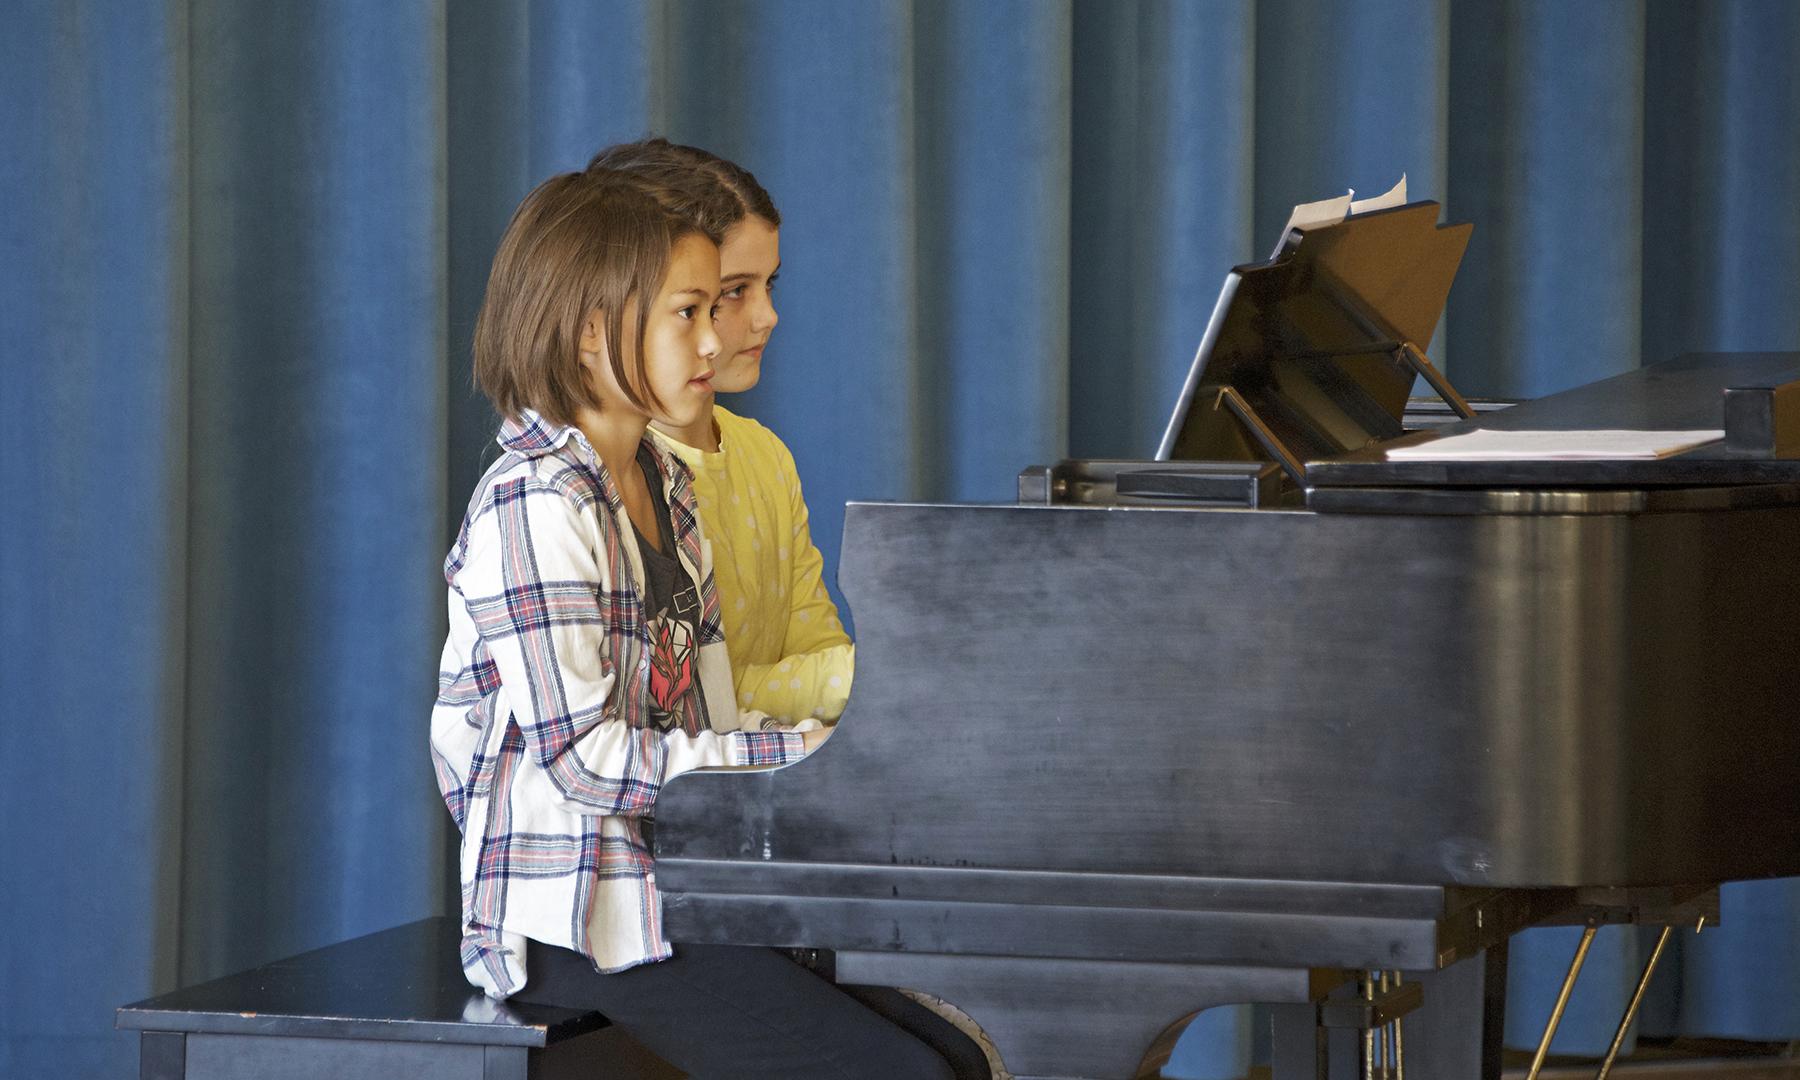 JU recital - 007.jpg